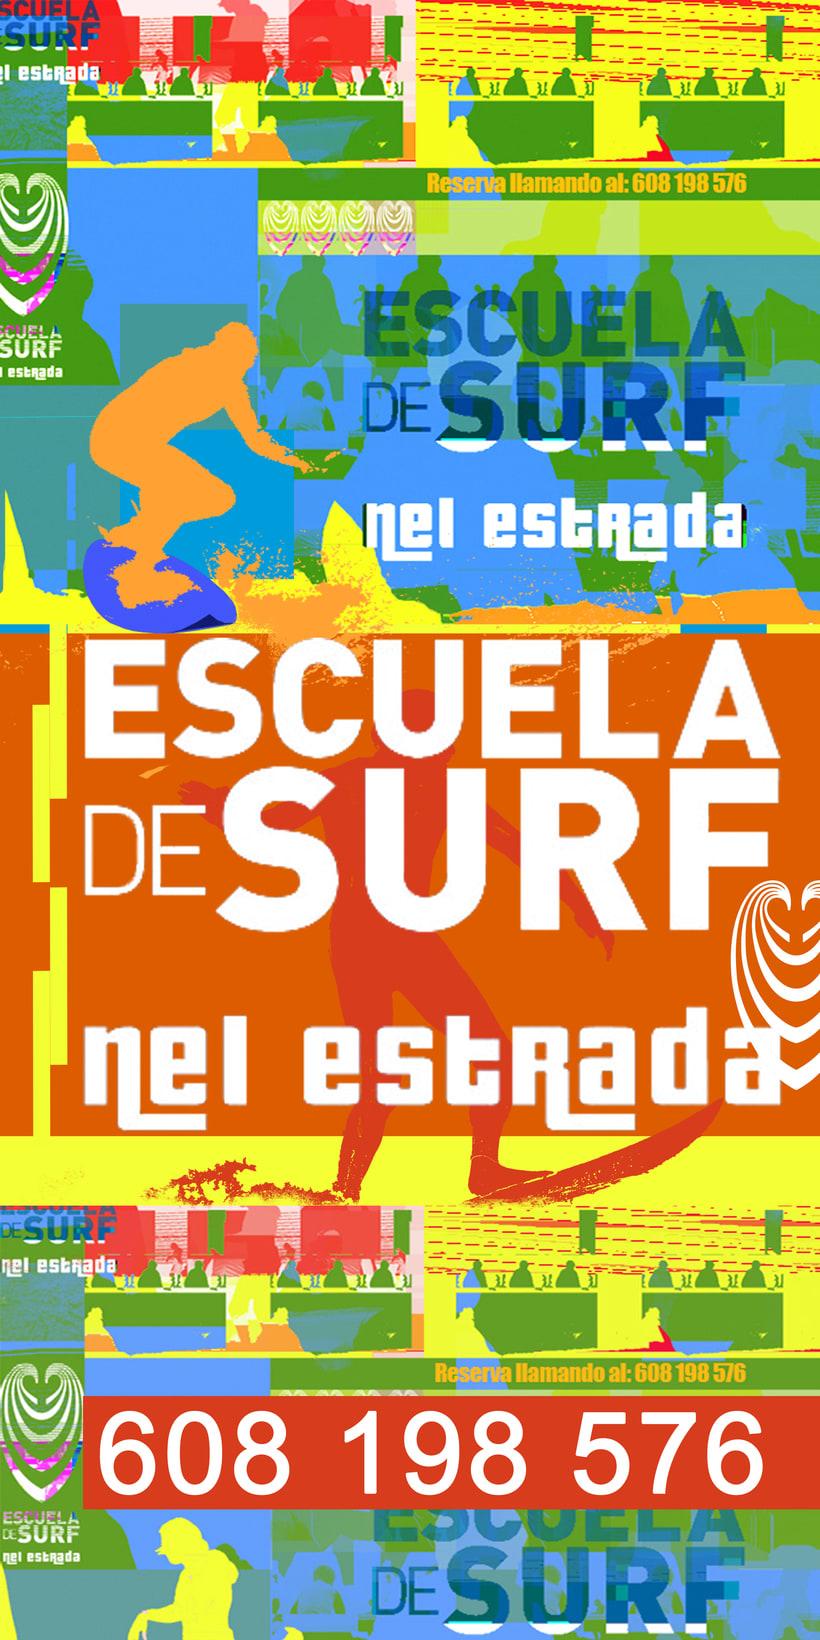 ESCUELA DE SURF NEL ESTRADA (Santander) 2